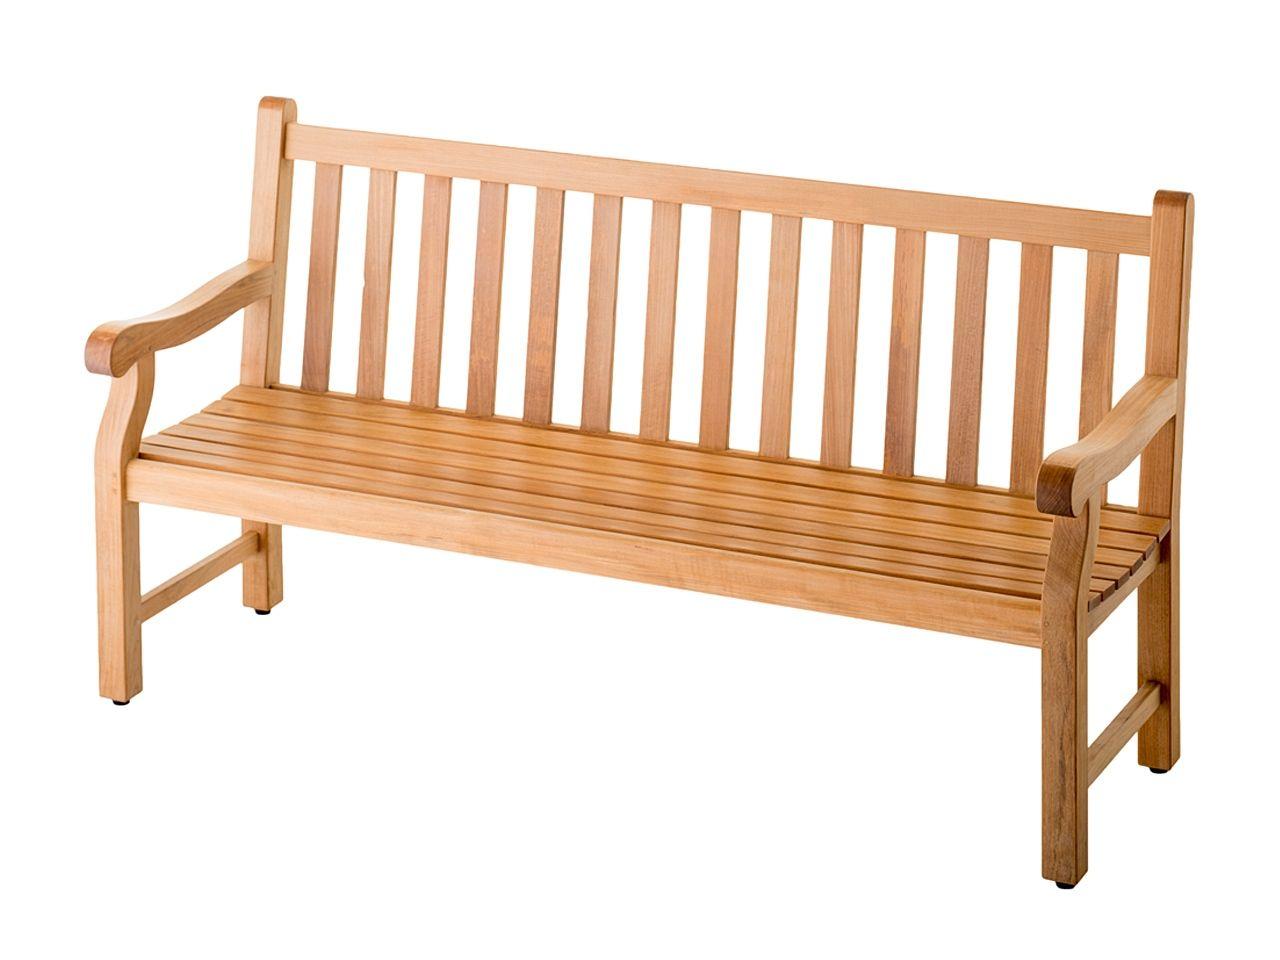 Premium Outdoor Furniture Stores Sydney Melbourne Outdoor Furniture Stores Outdoor Furniture Teak Garden Bench